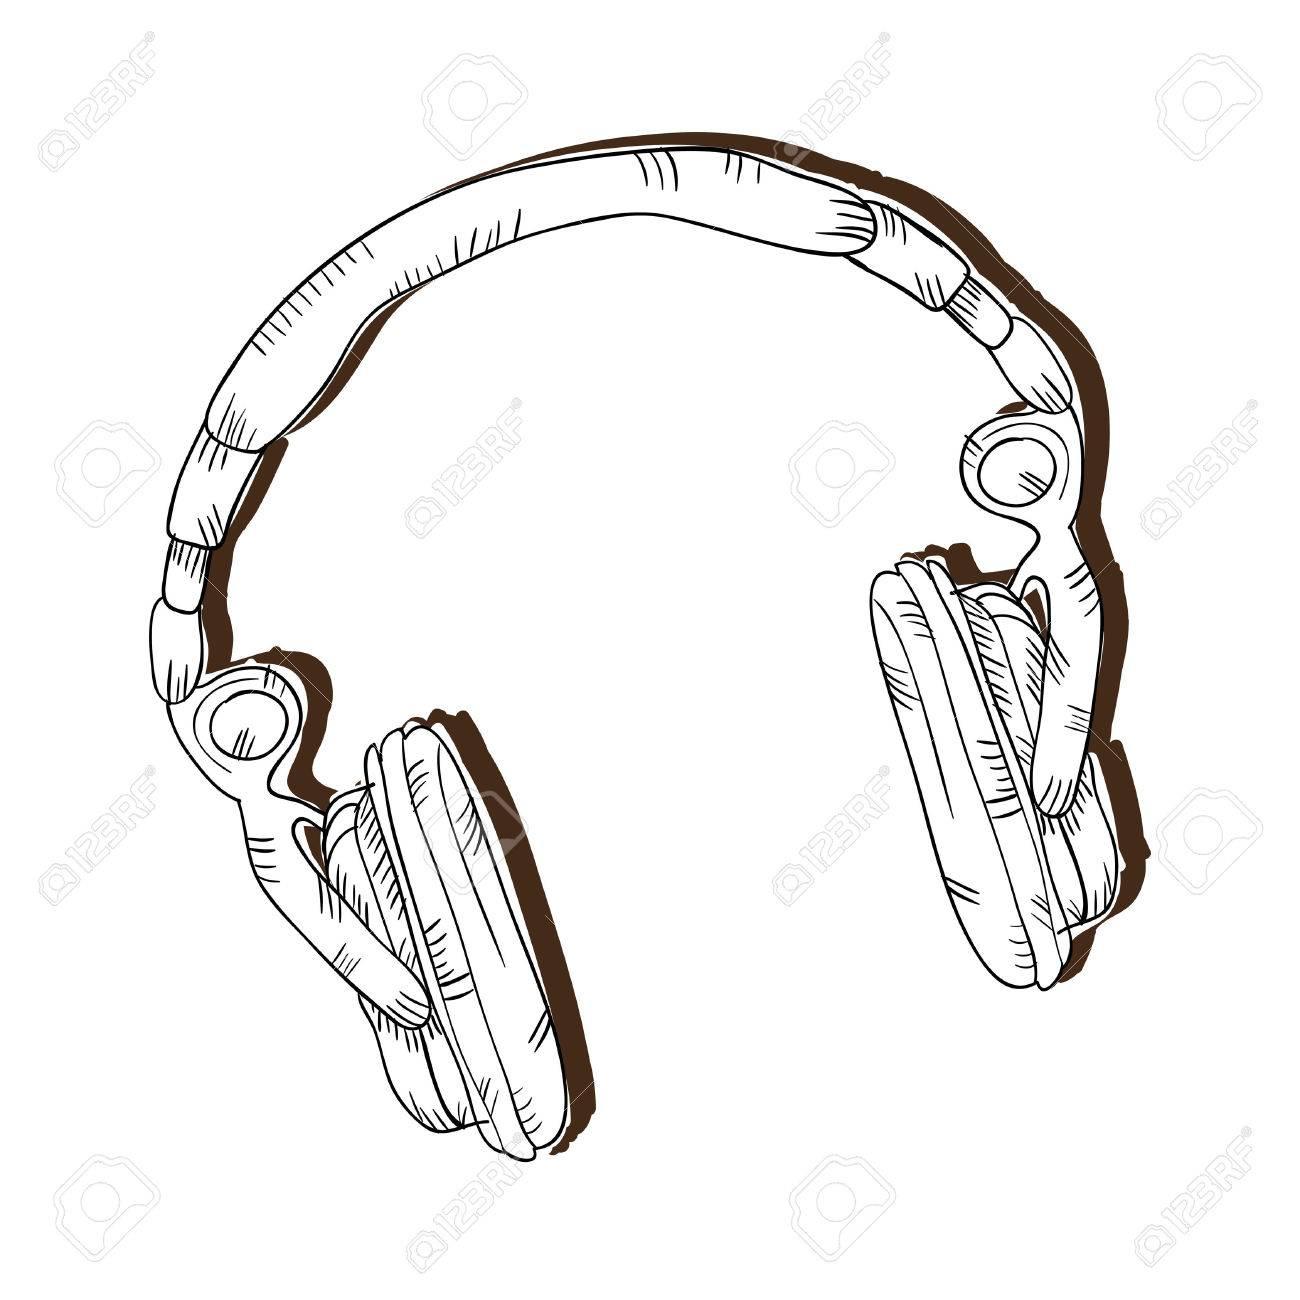 Musik Kopfhorer Gadget Audio Kopfhorer Gerat Zeichnen Design